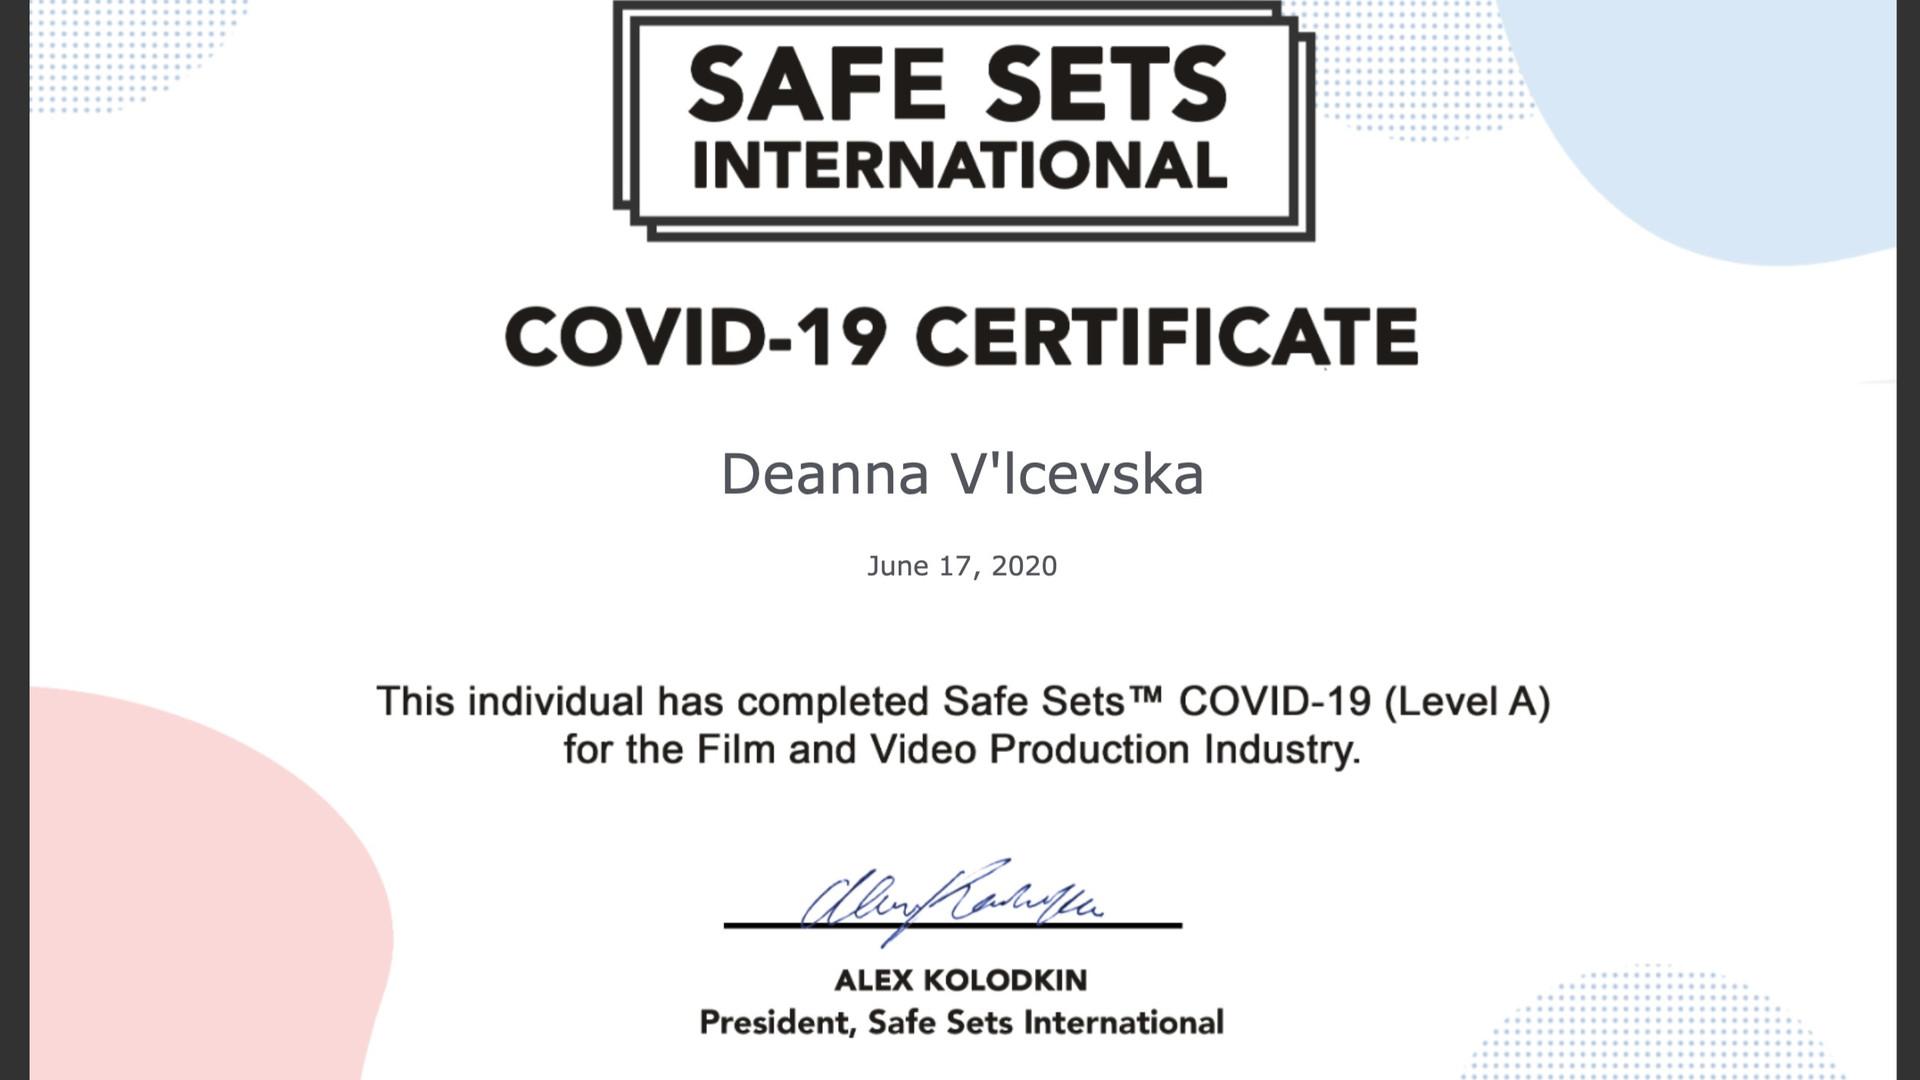 Safe Set International